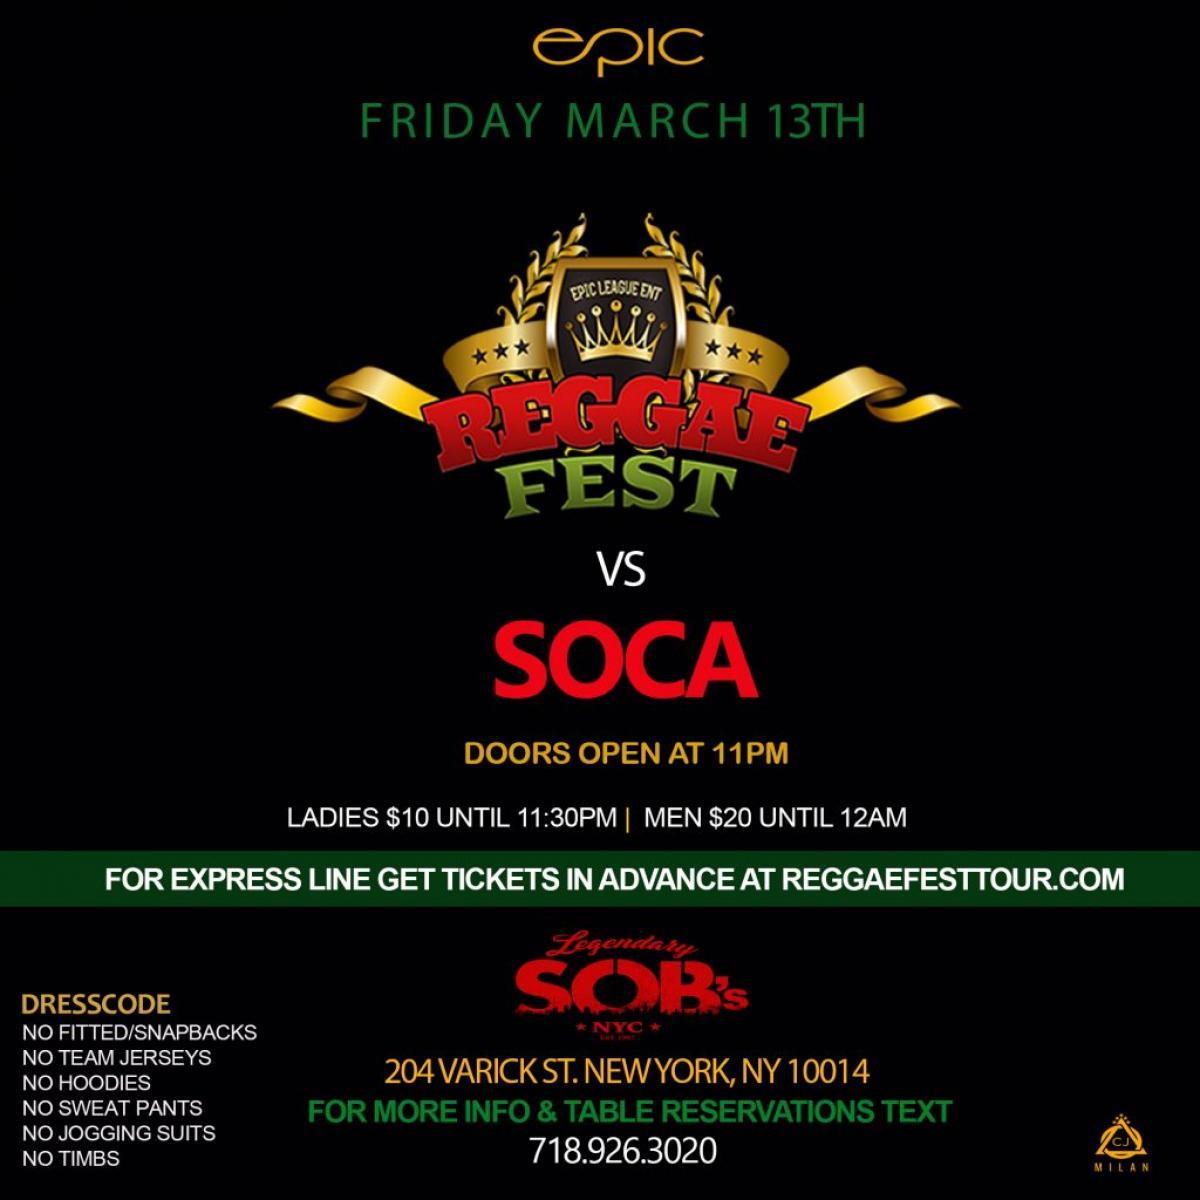 Reggae Fest Vs Soca flyer or graphic.